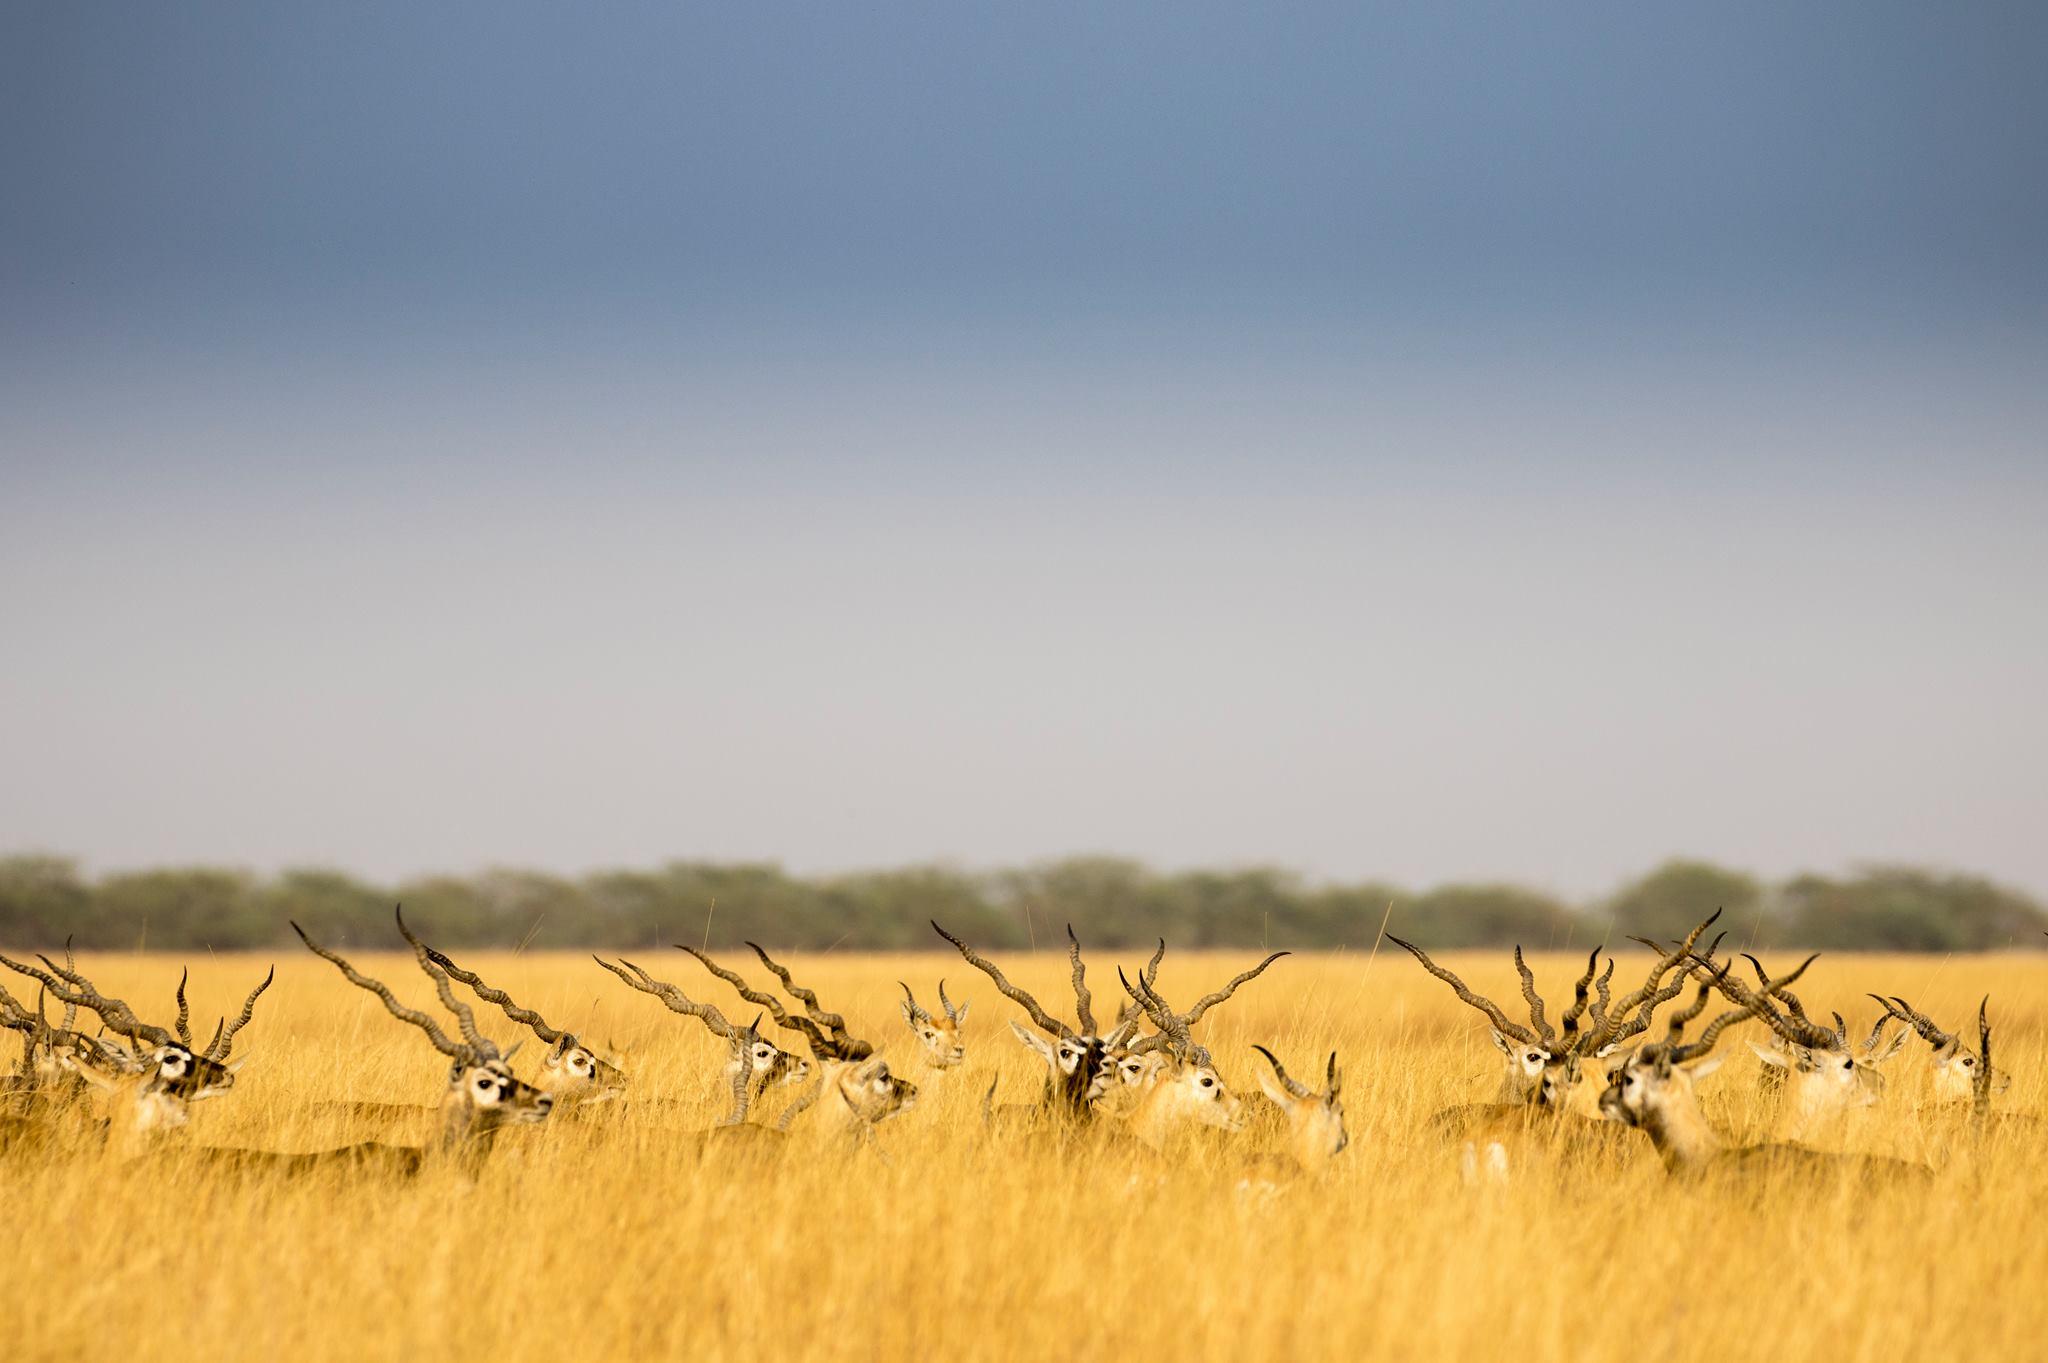 ભાવનગર નજીક આવેલા બ્લેકબક નેશનલ પાર્કમાં વિવિધ જાતનાં પ્રાણીઓ જેવાં કે, બ્લેકબક, વરુ, જંગલી બિલાડી, સાપ અને અઢળક શિકારી પક્ષીઓ જોઈ શકાય છે